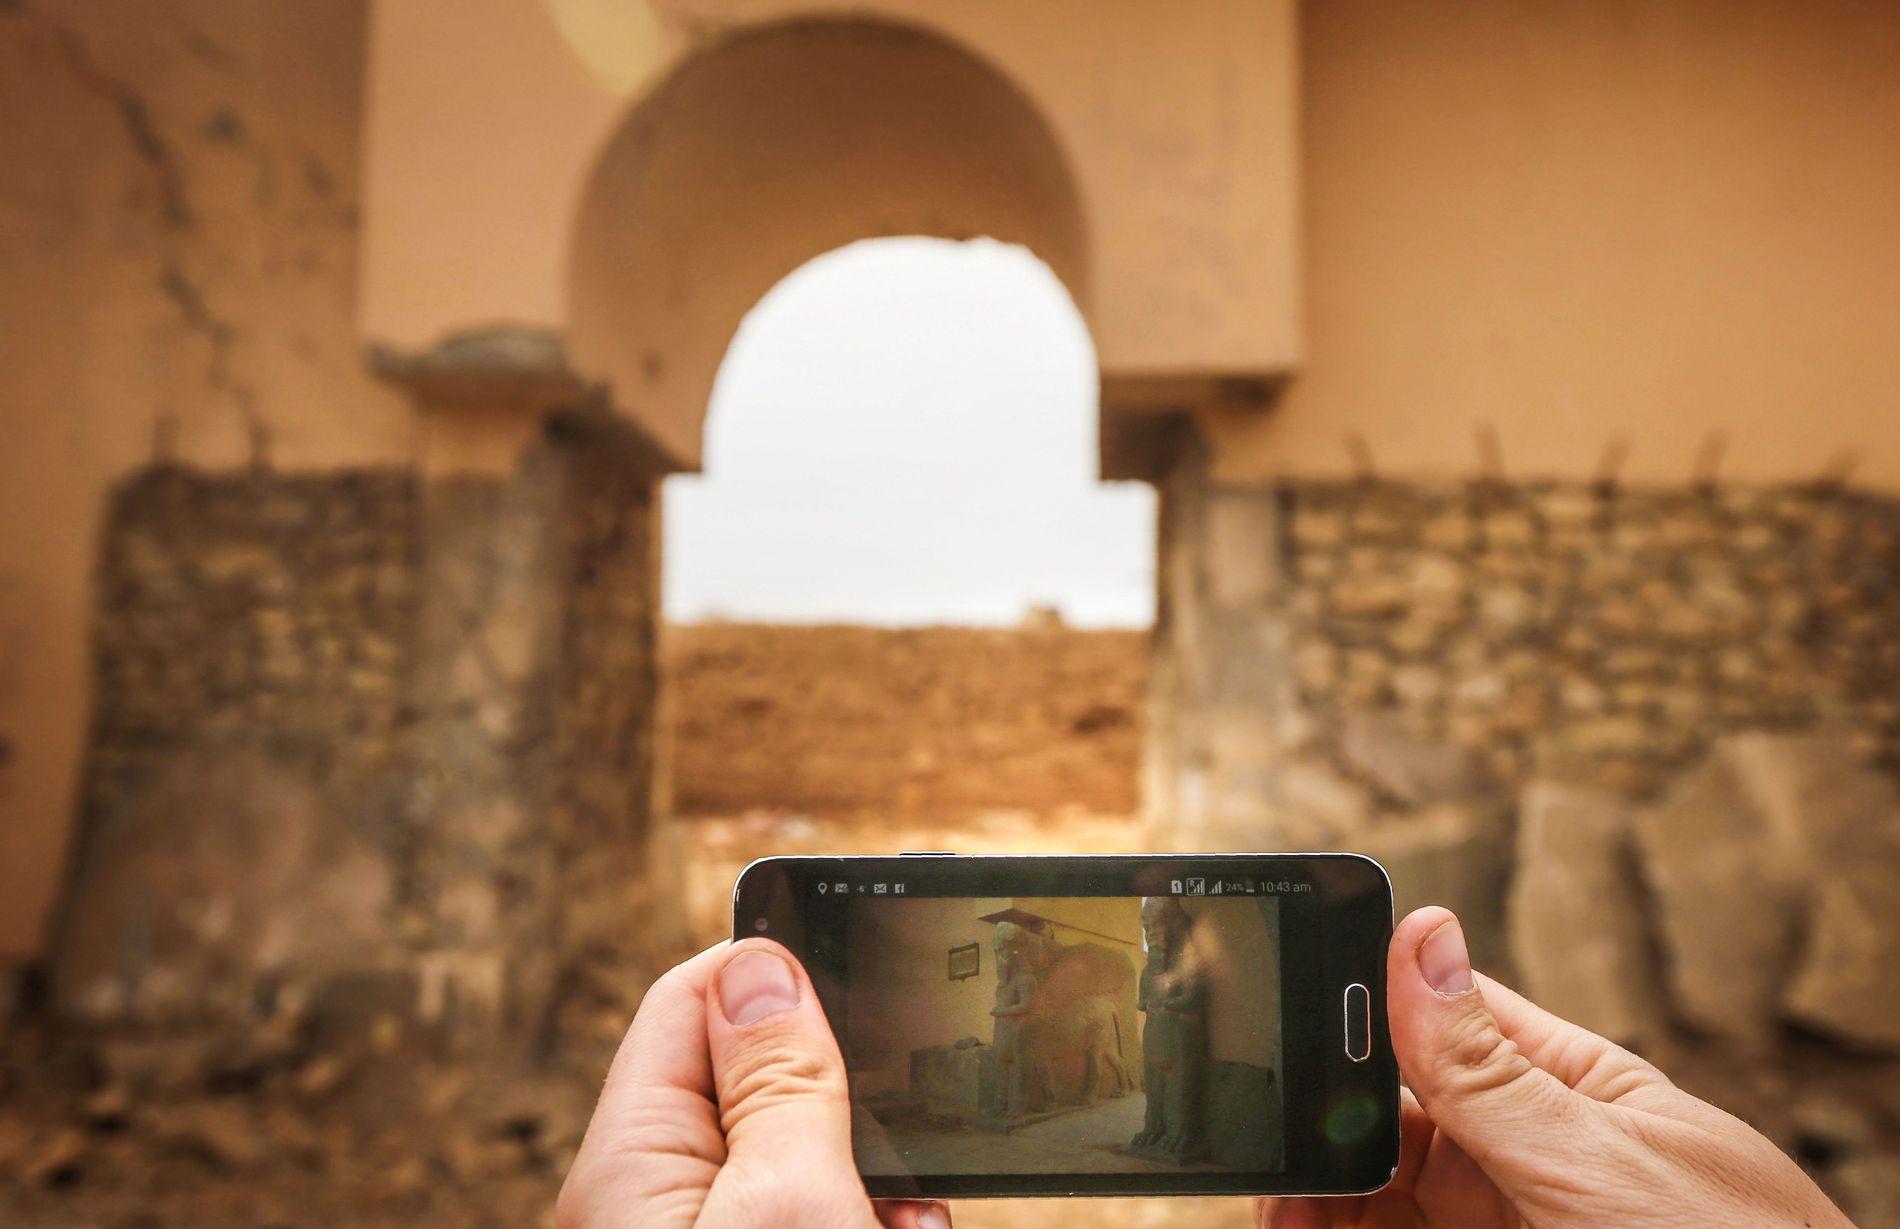 HUGGET VEKK: Bildet er tatt i Nimrud denne uken. På telefonen vises et bilde av porthvelvingen slik den var: Med to kolossale statuer av bevingede okser.